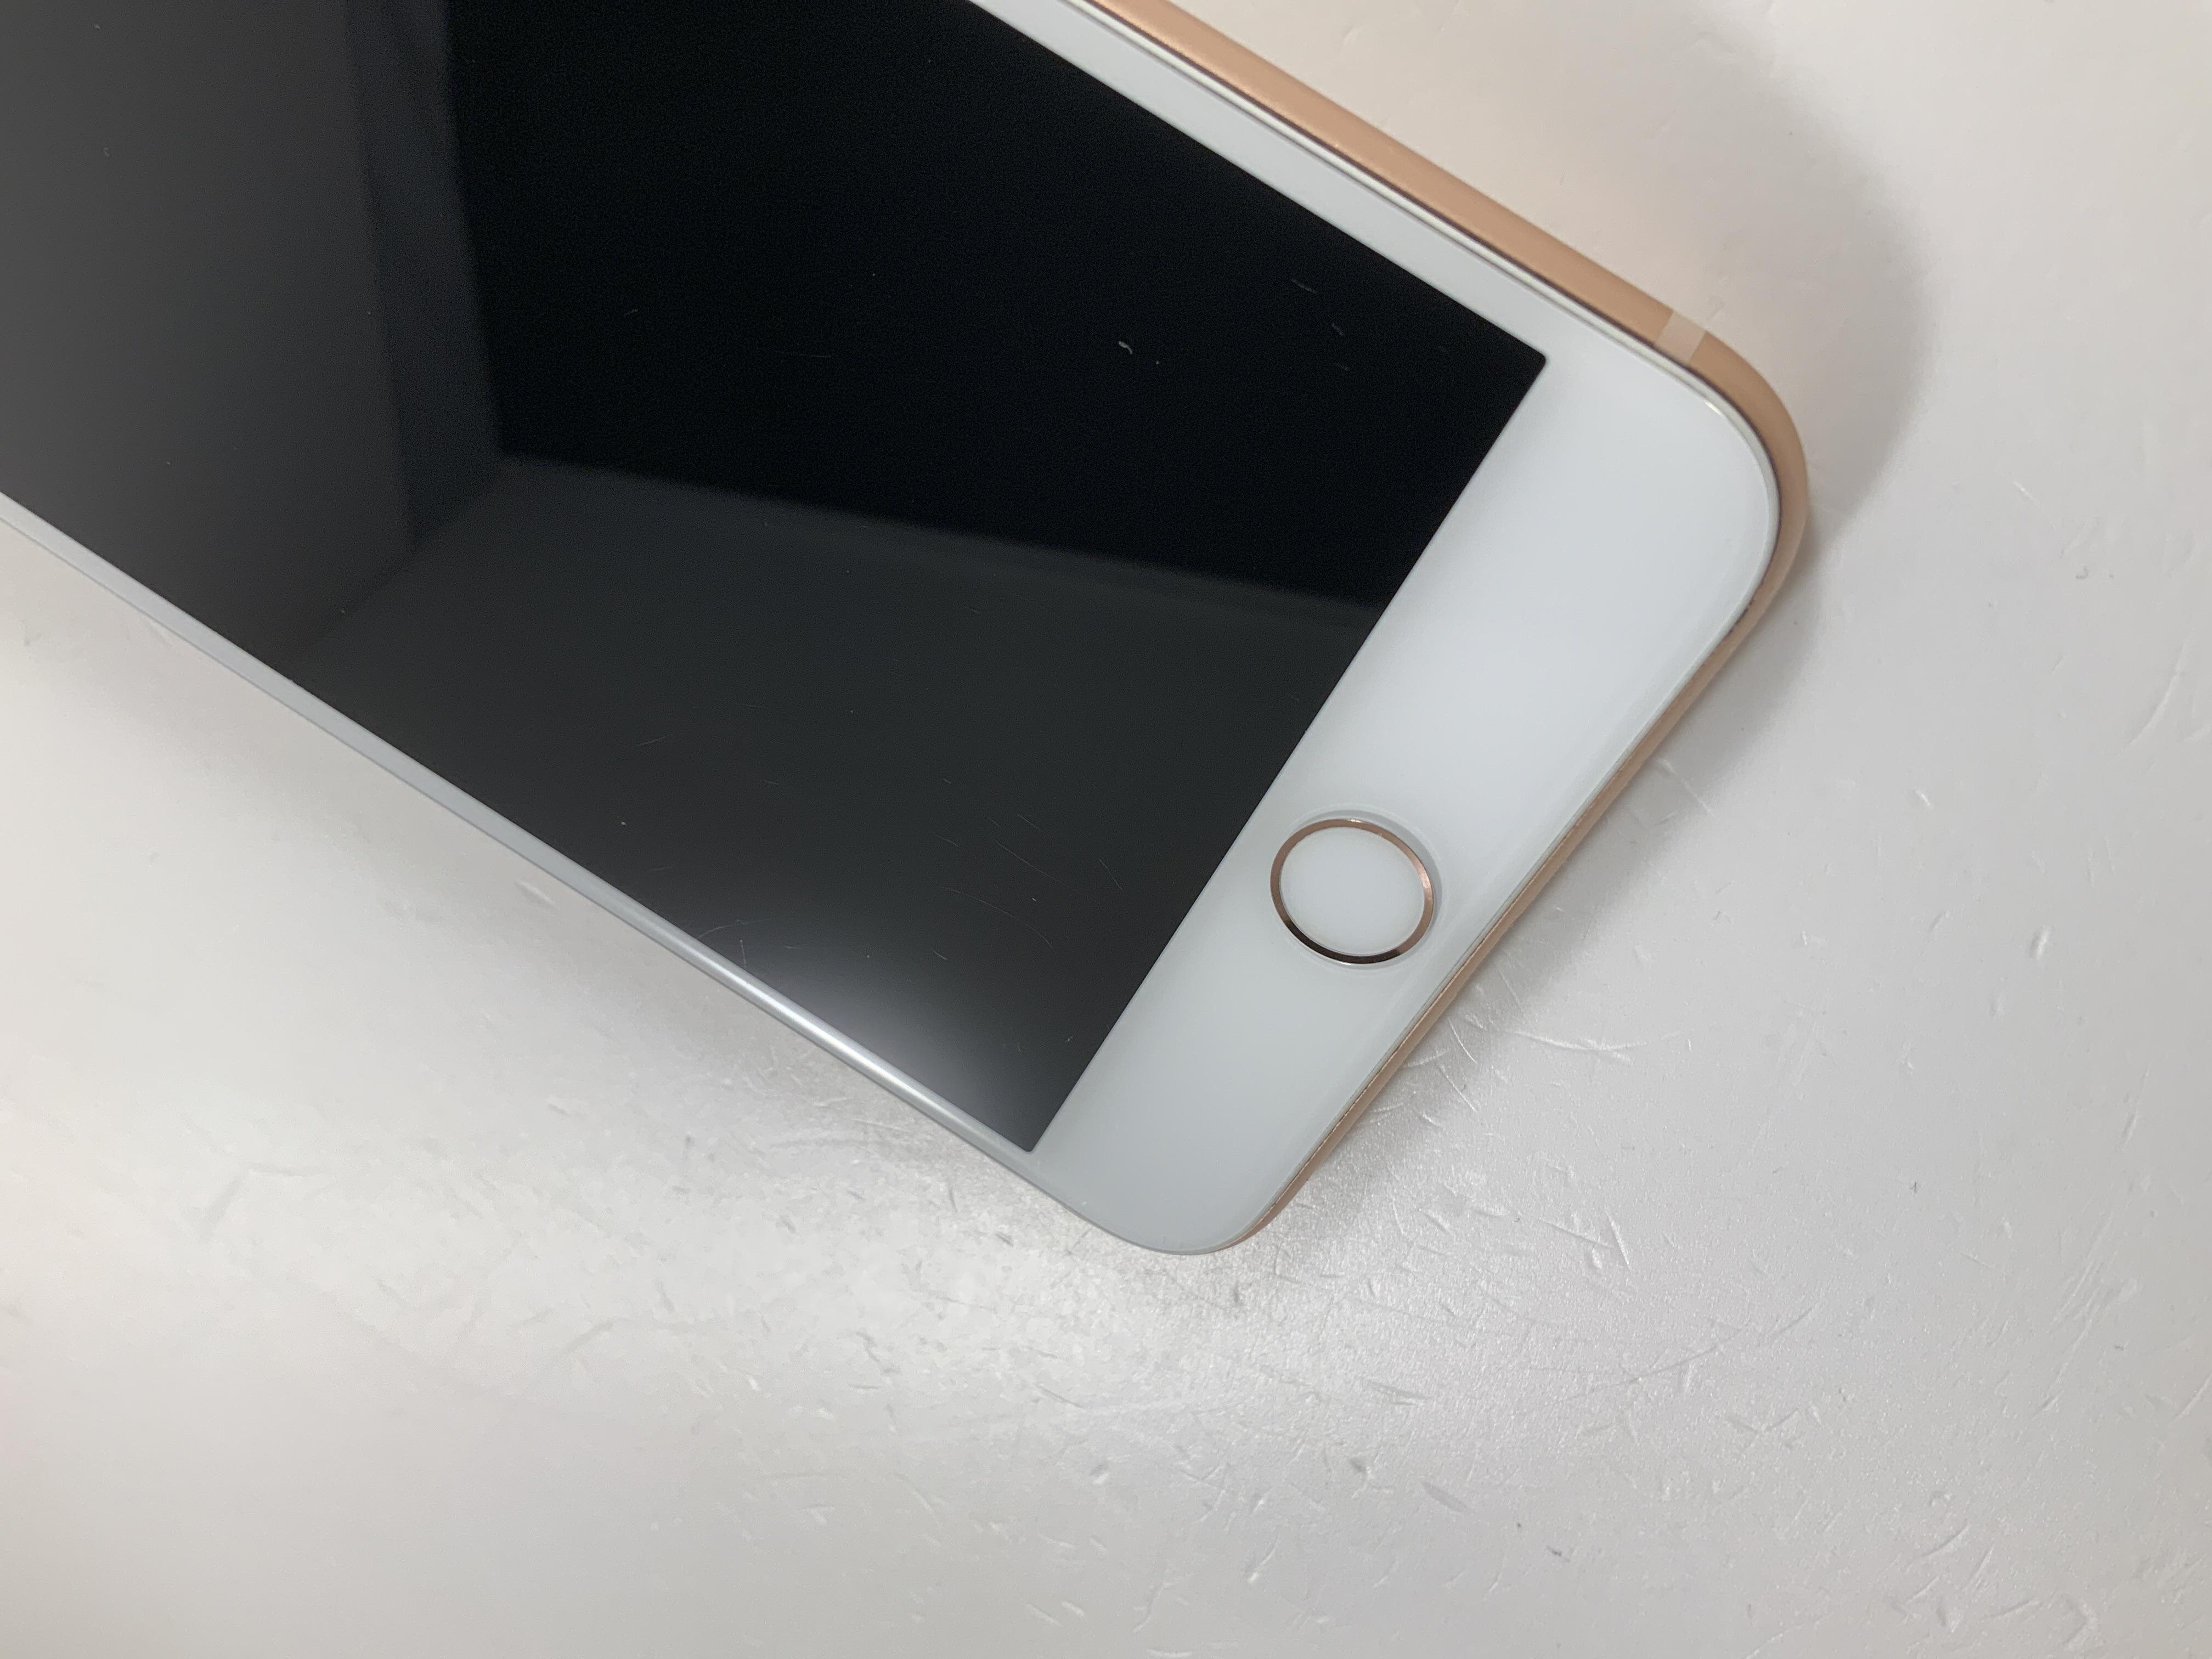 iPhone 8 Plus 64GB, 64GB, Gold, Kuva 4